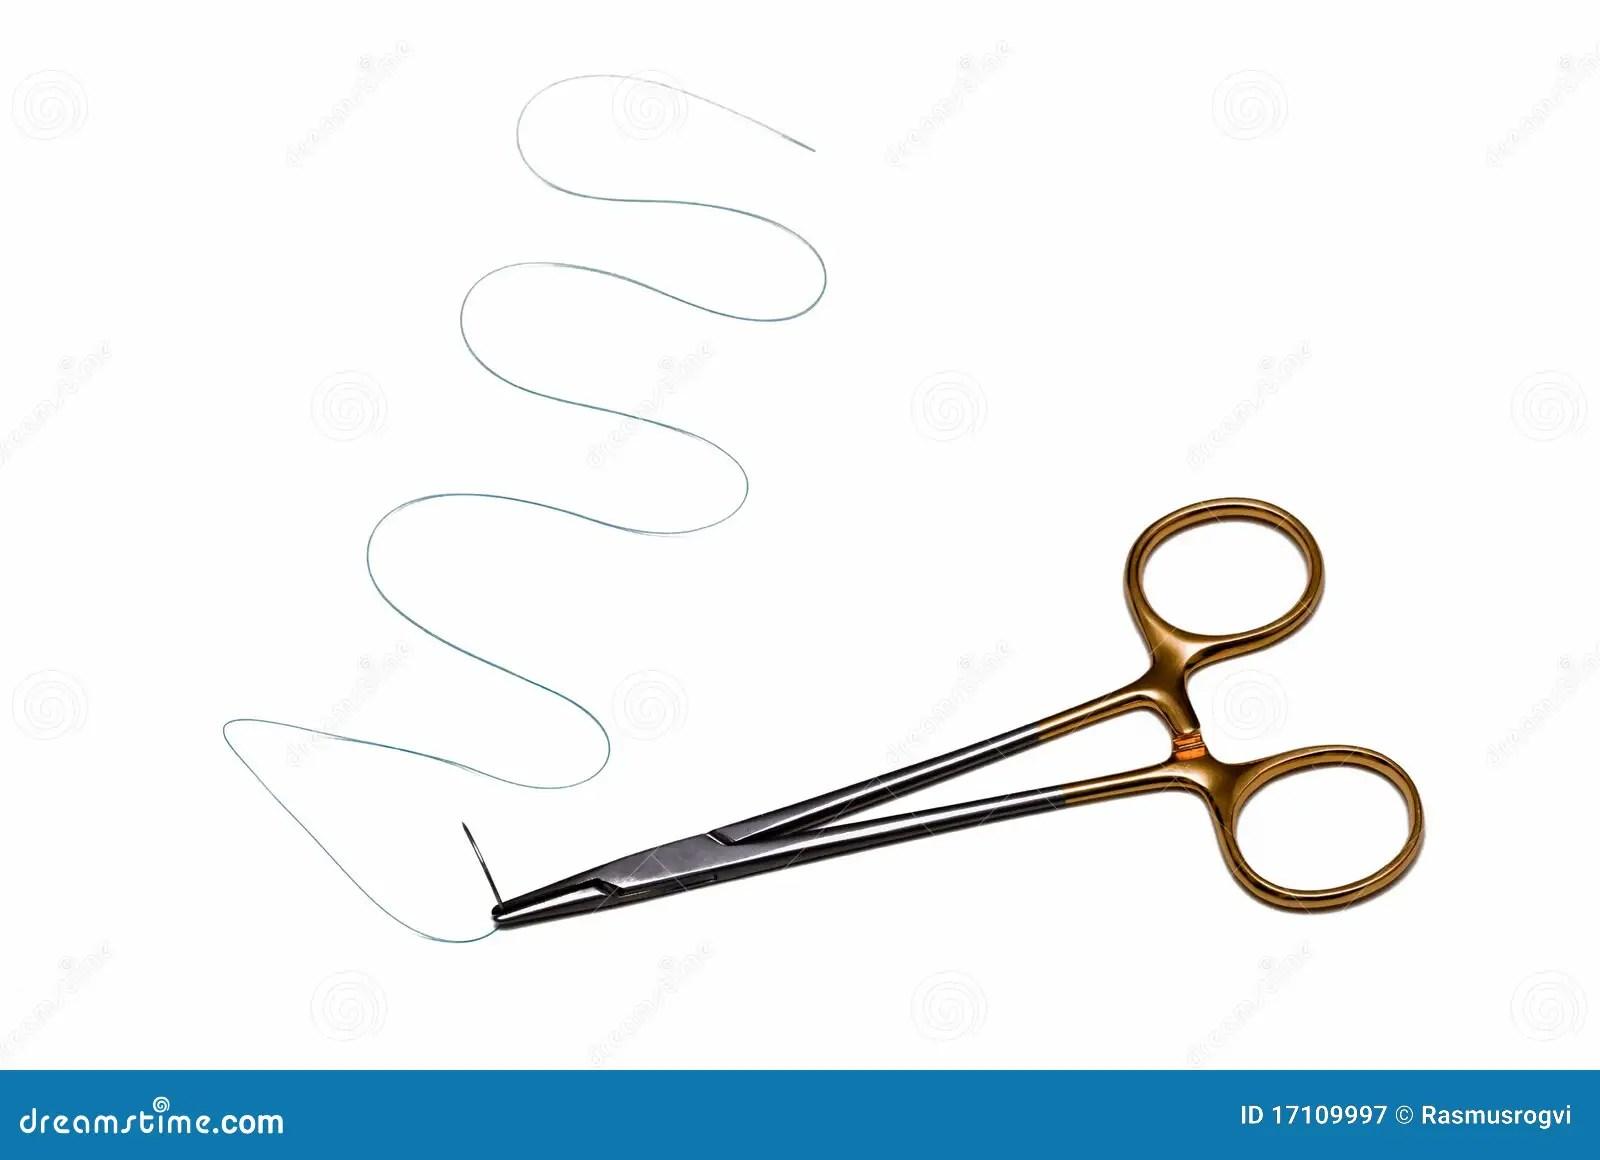 La Aguja Quirurgica De La Sutura Con Scissor Fotografia De